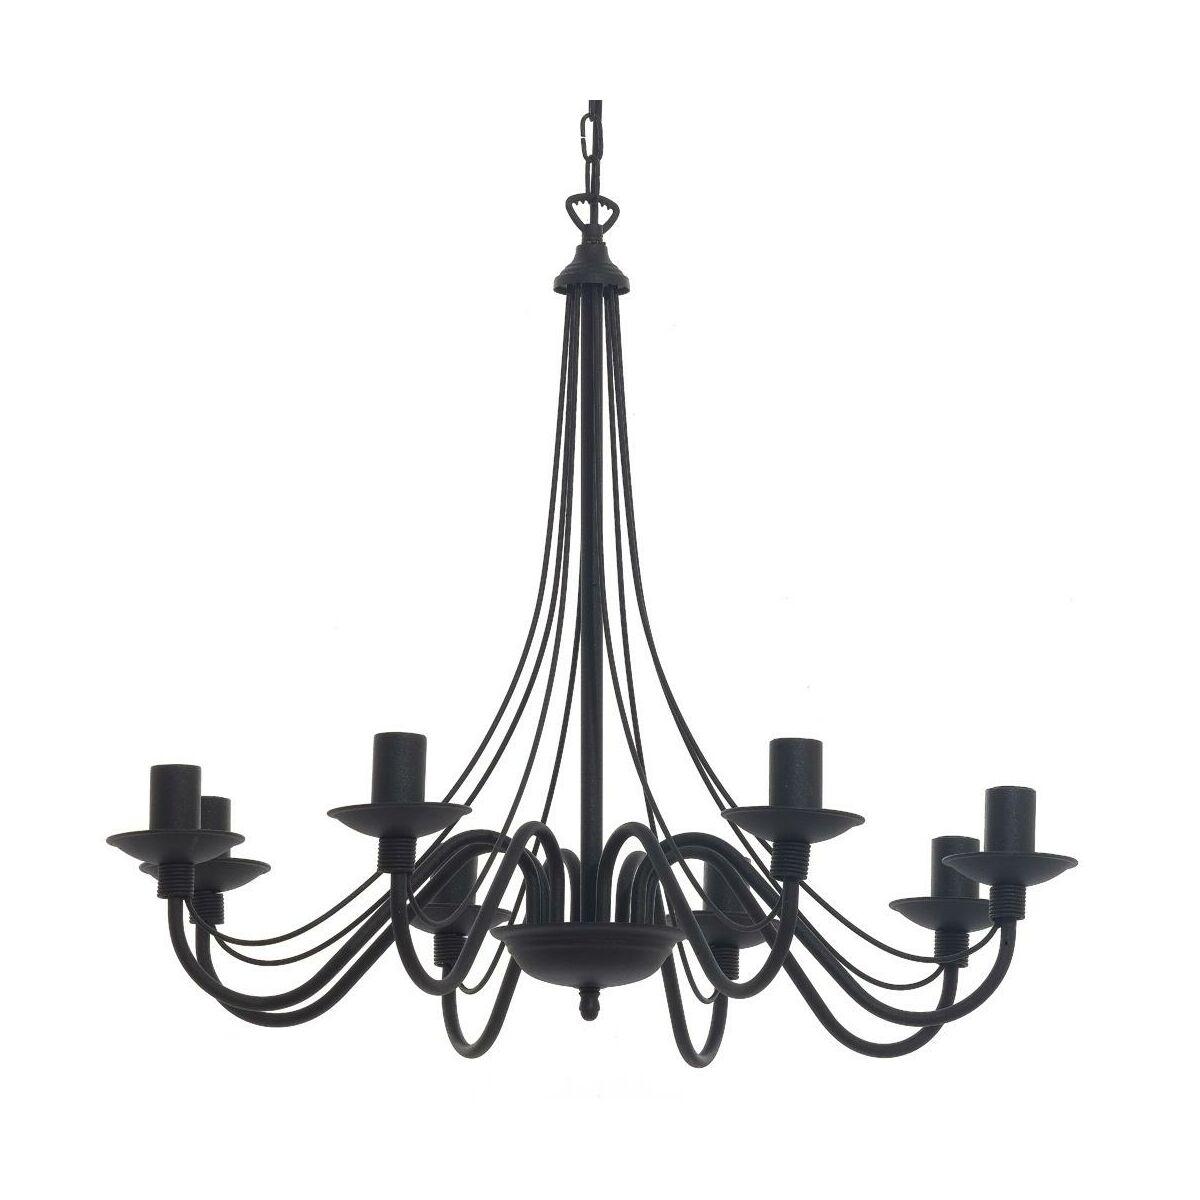 Zyrandol Roza Czarny E14 Aldex Zyrandole Lampy Wiszace I Sufitowe W Atrakcyjnej Cenie W Sklepach Leroy Merlin